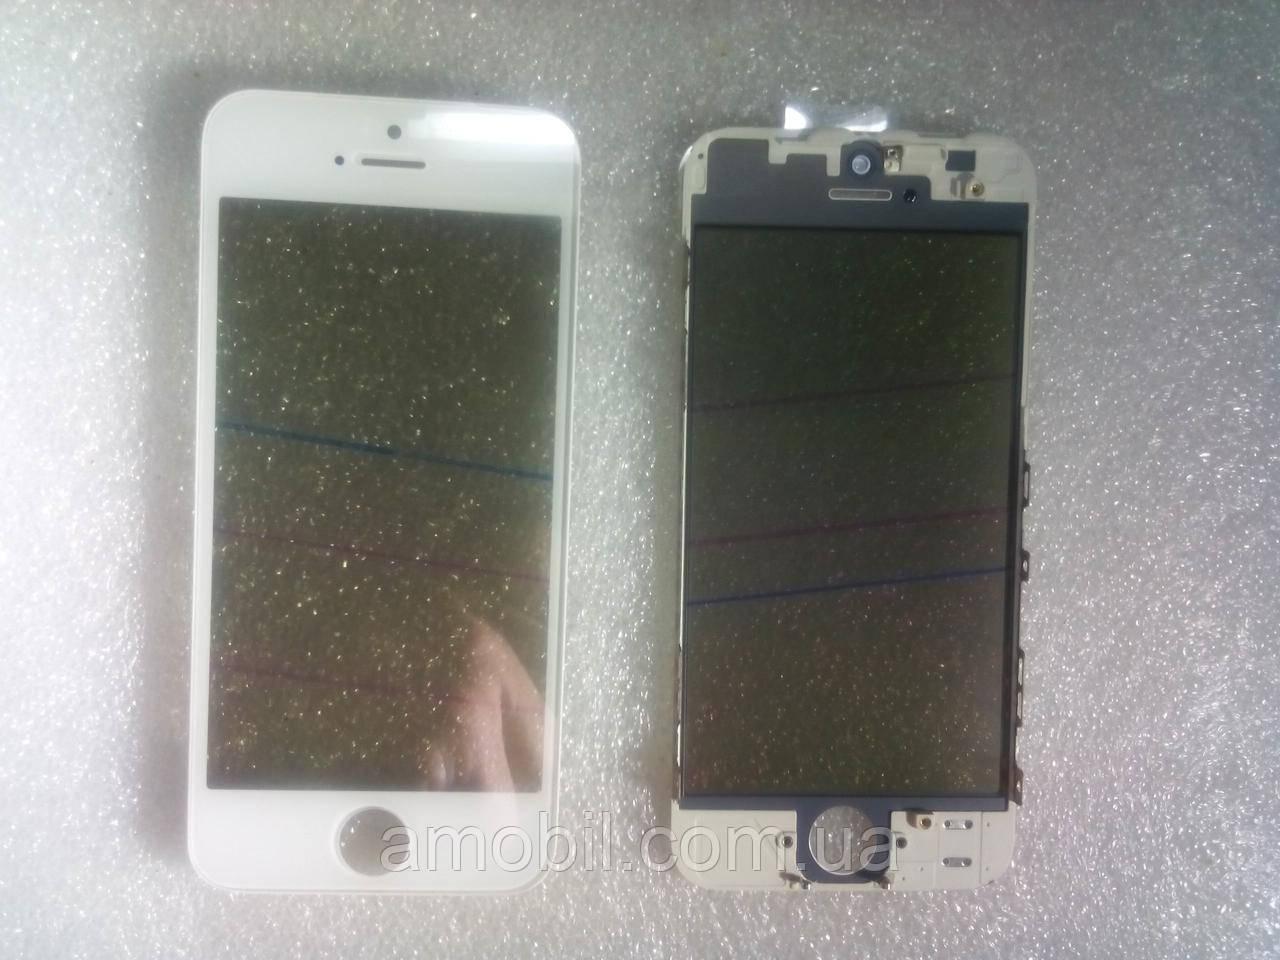 Стекло с дисплейной рамкой , OCA плёнкой и поляризационной плёнкой для iPhone 5 белое